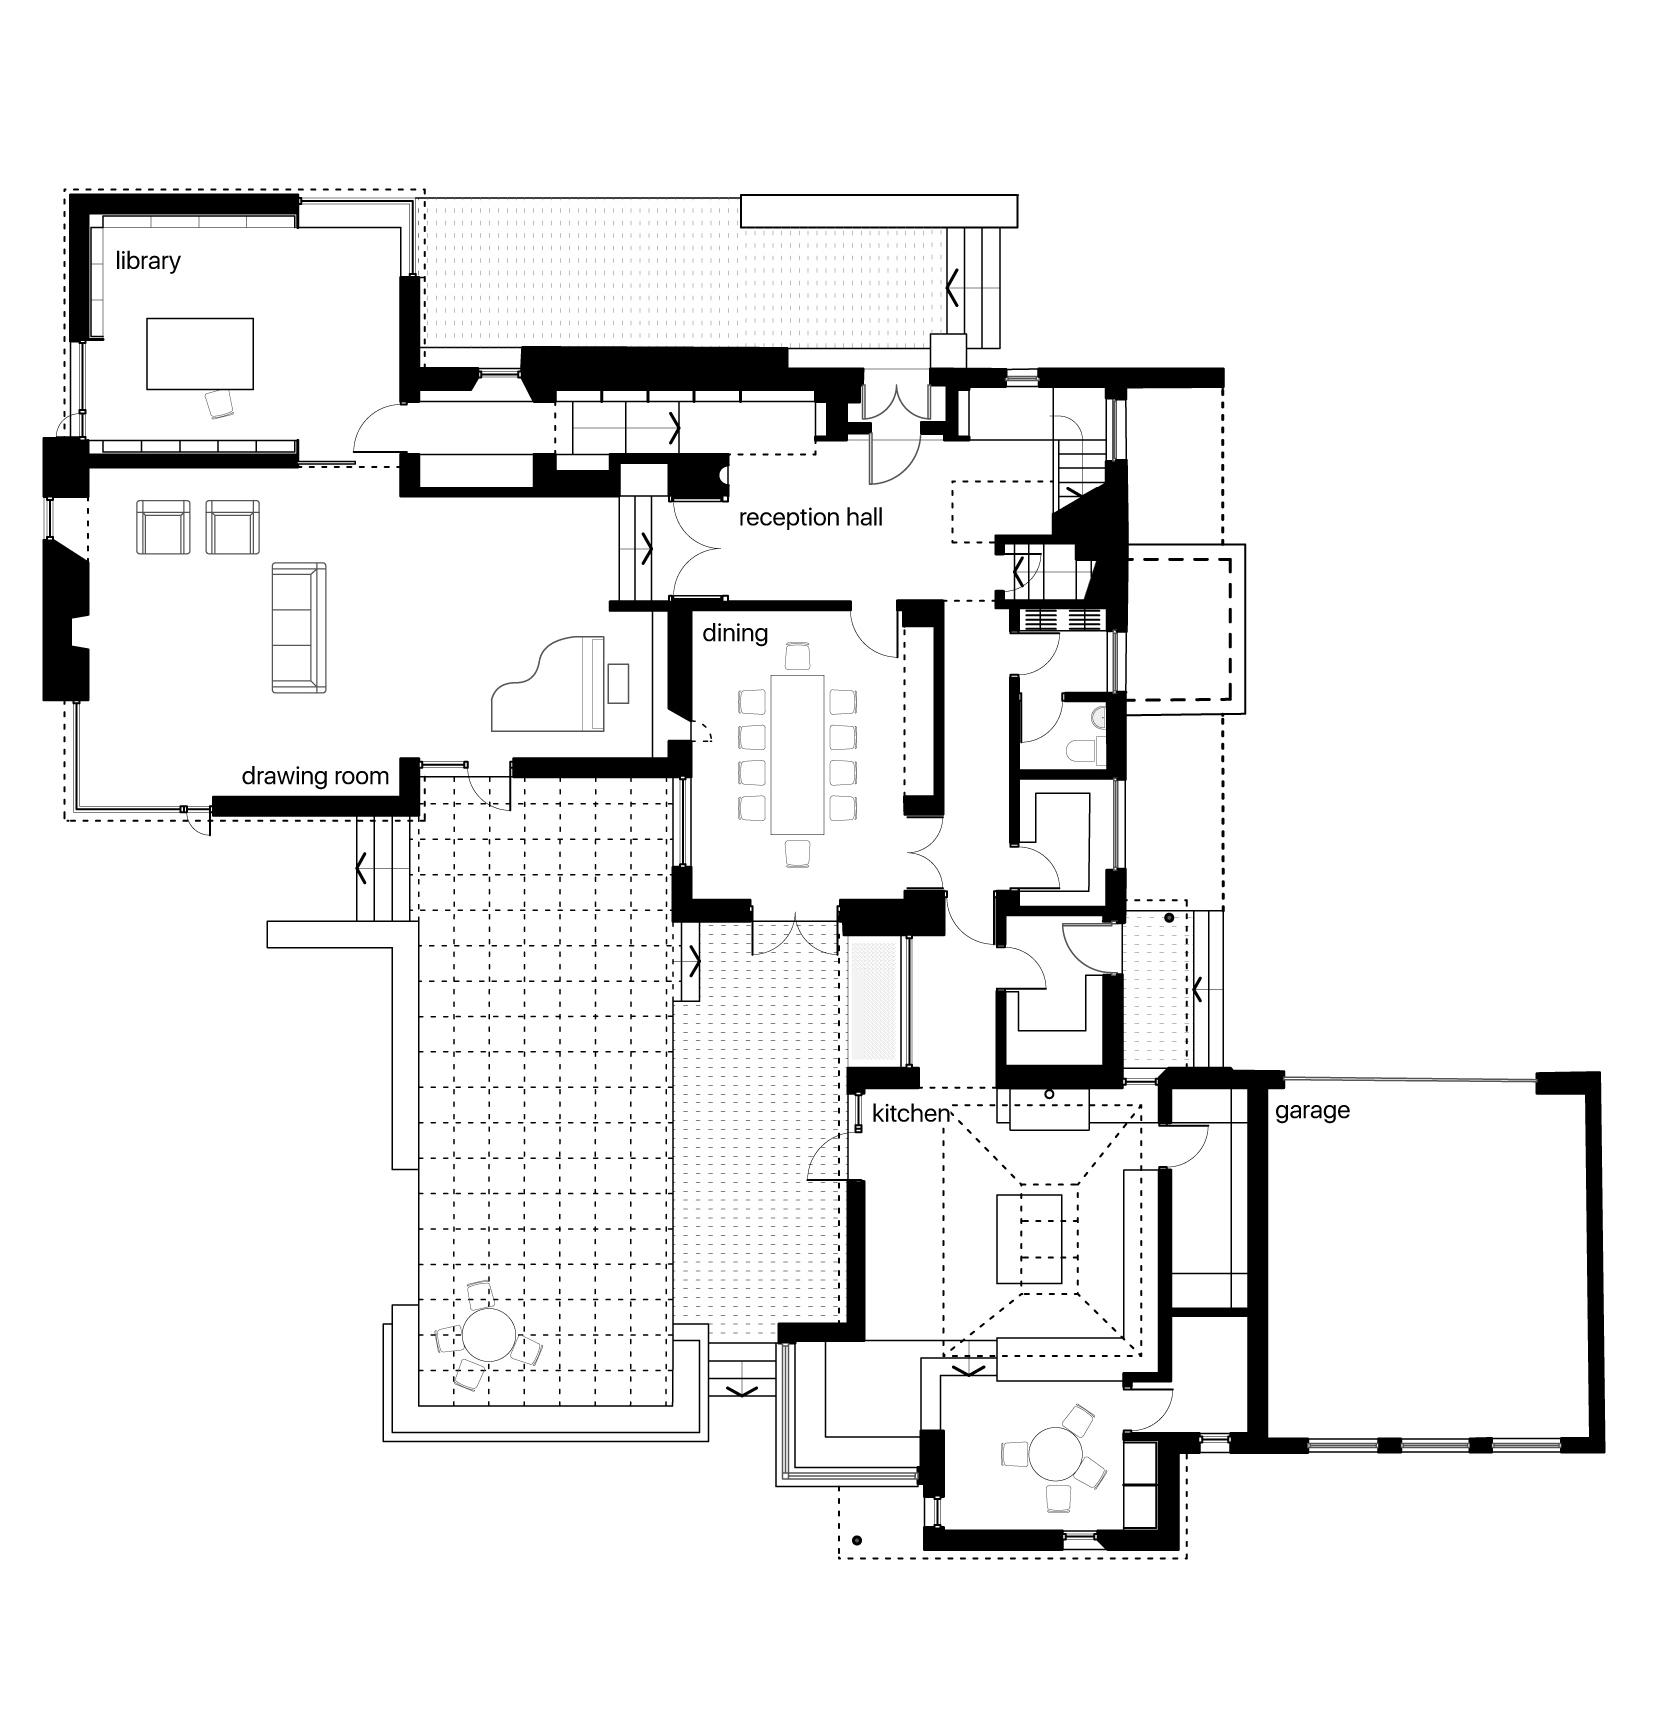 Ledcam floor plans.jpg